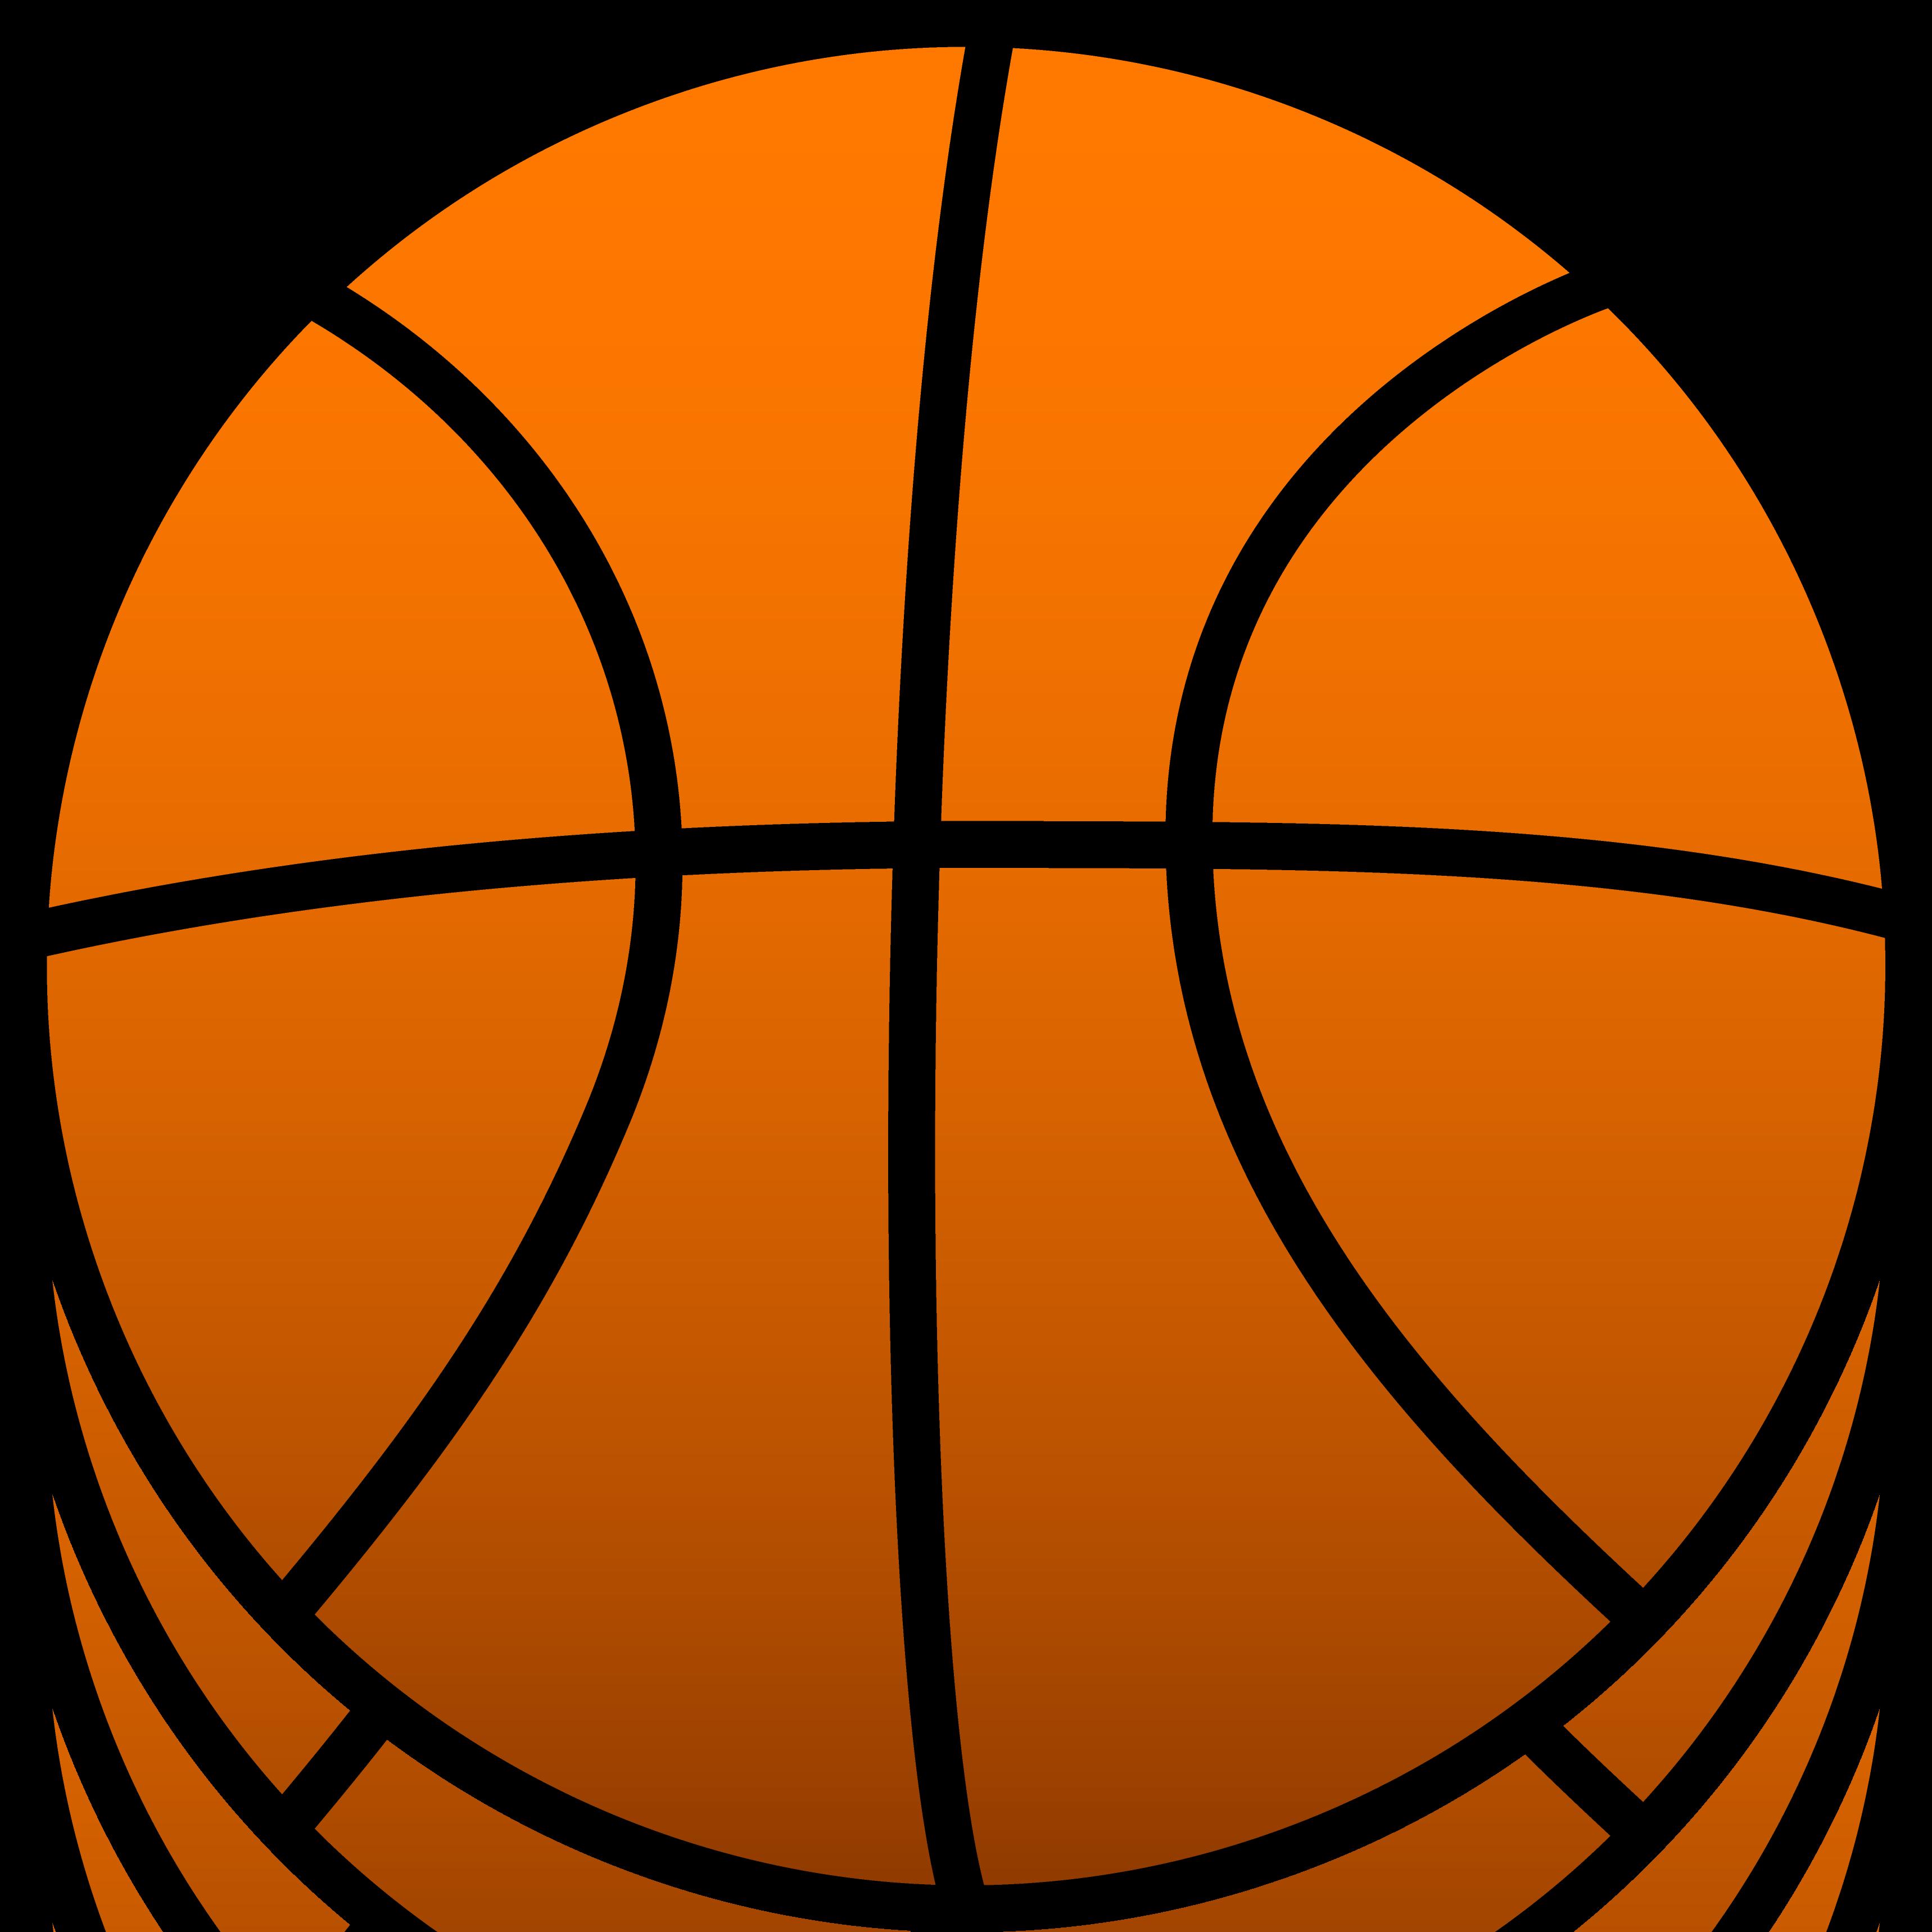 3437x3437 Clipart Basketball Basketball Player Clip Art